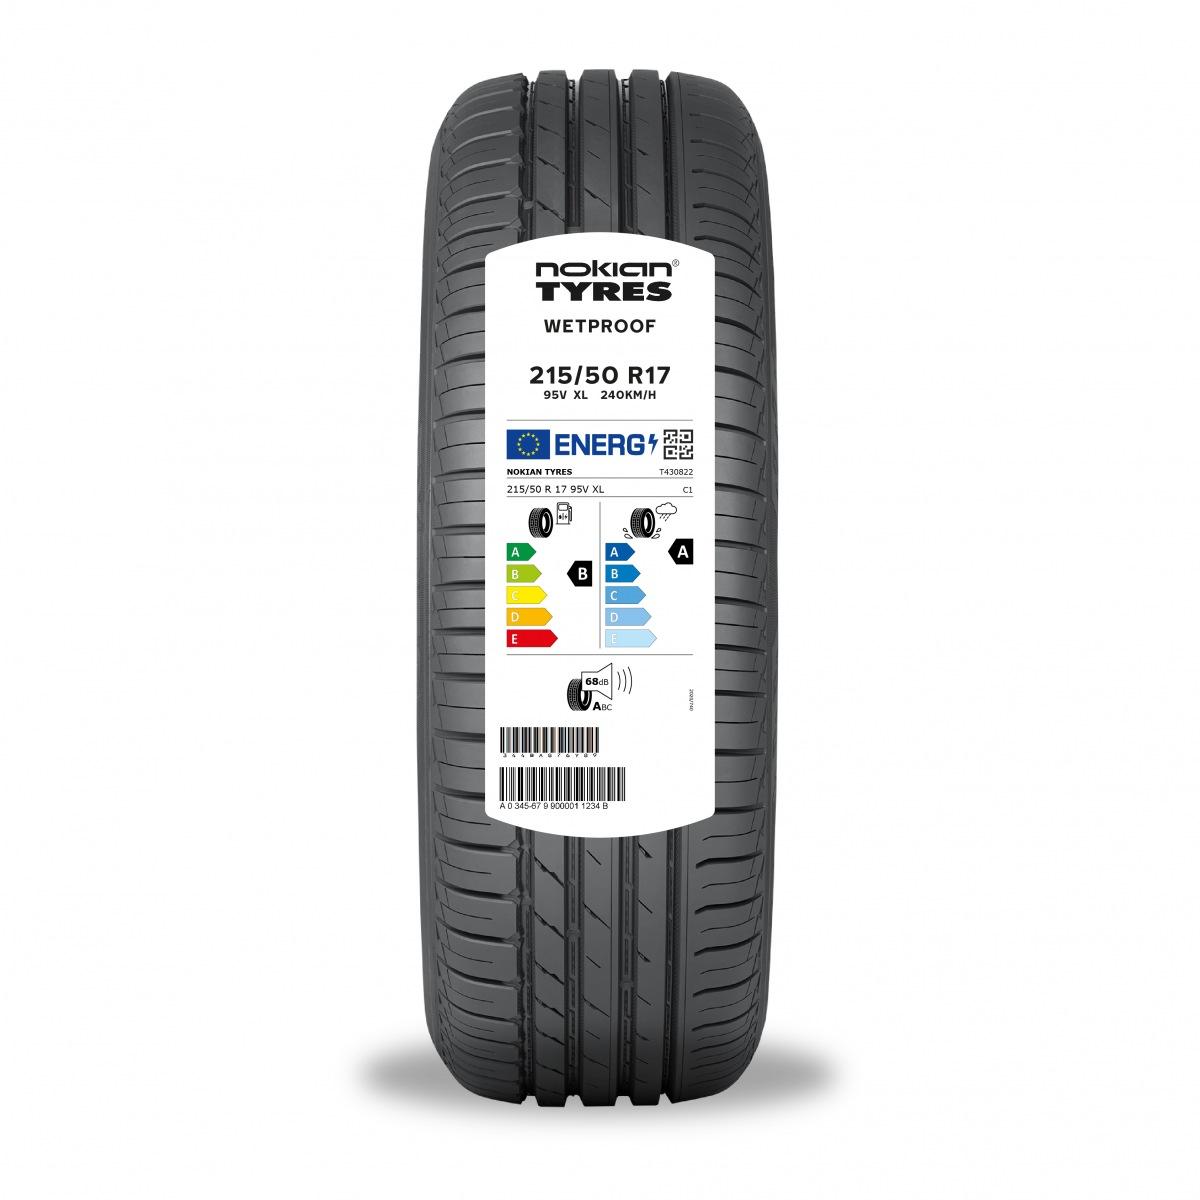 Označení na pneumatikách Nokian Tyres